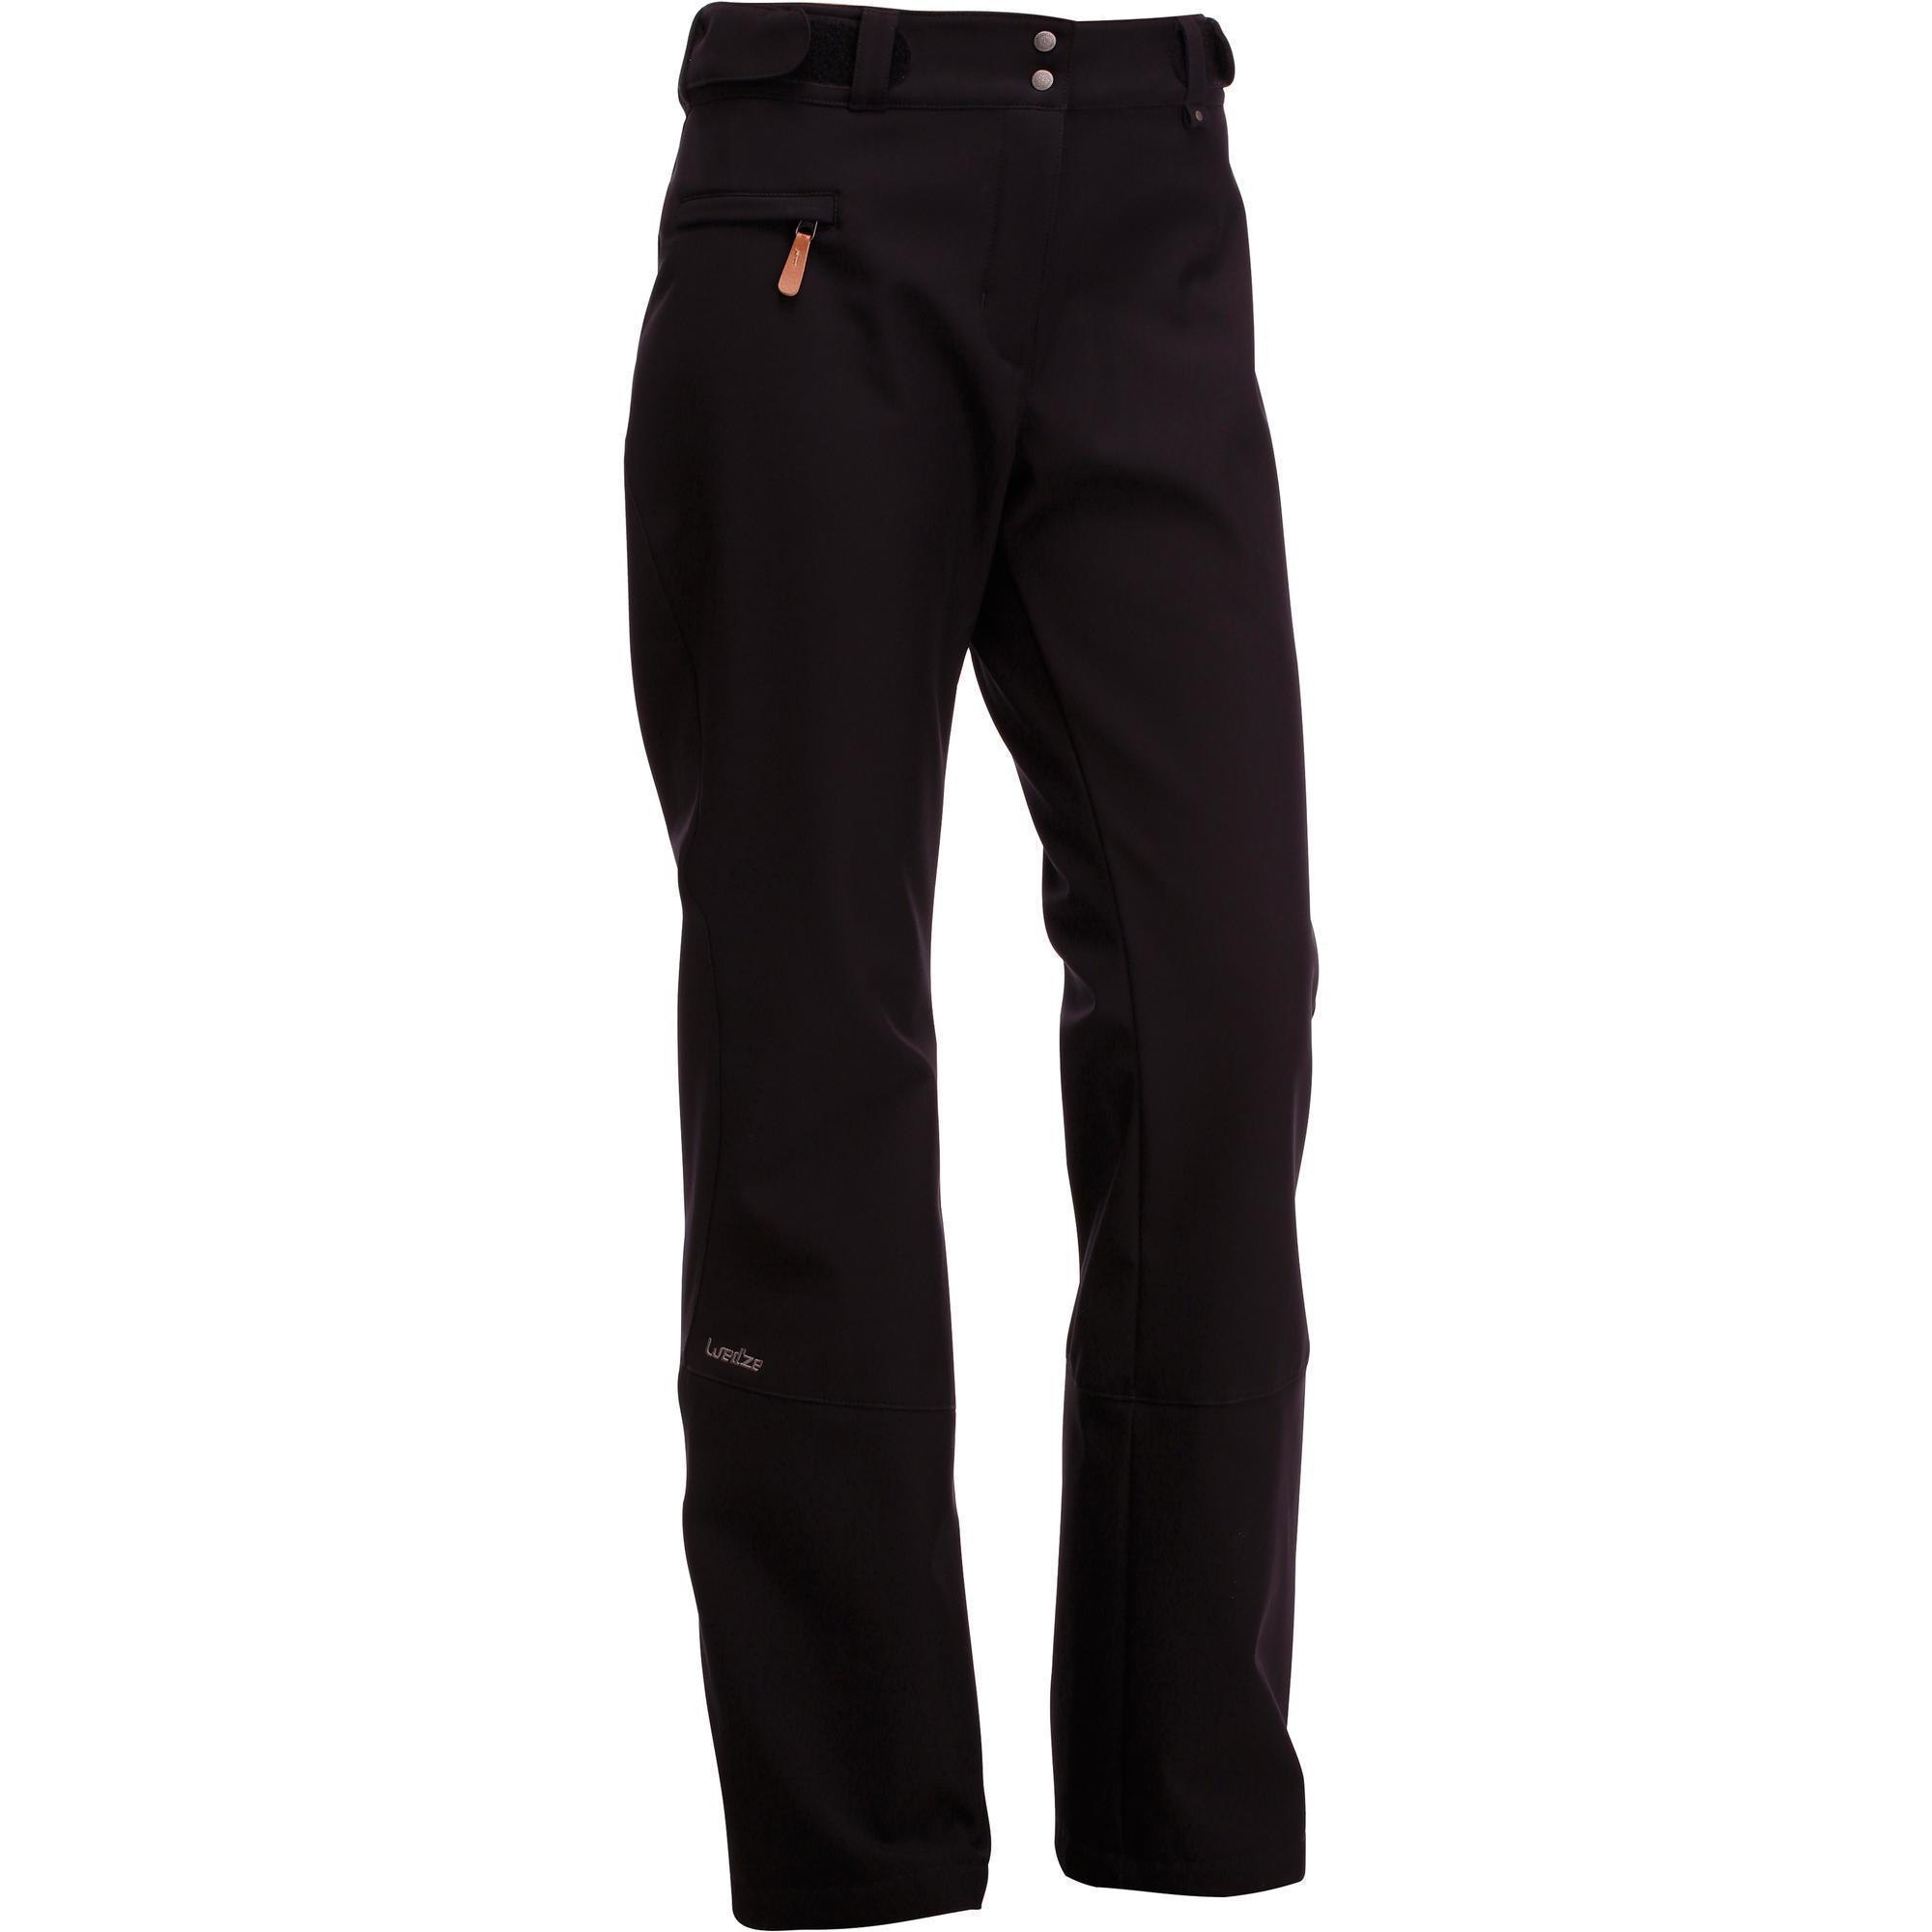 Pantalon ski femme Slide 500 noir | Wedze